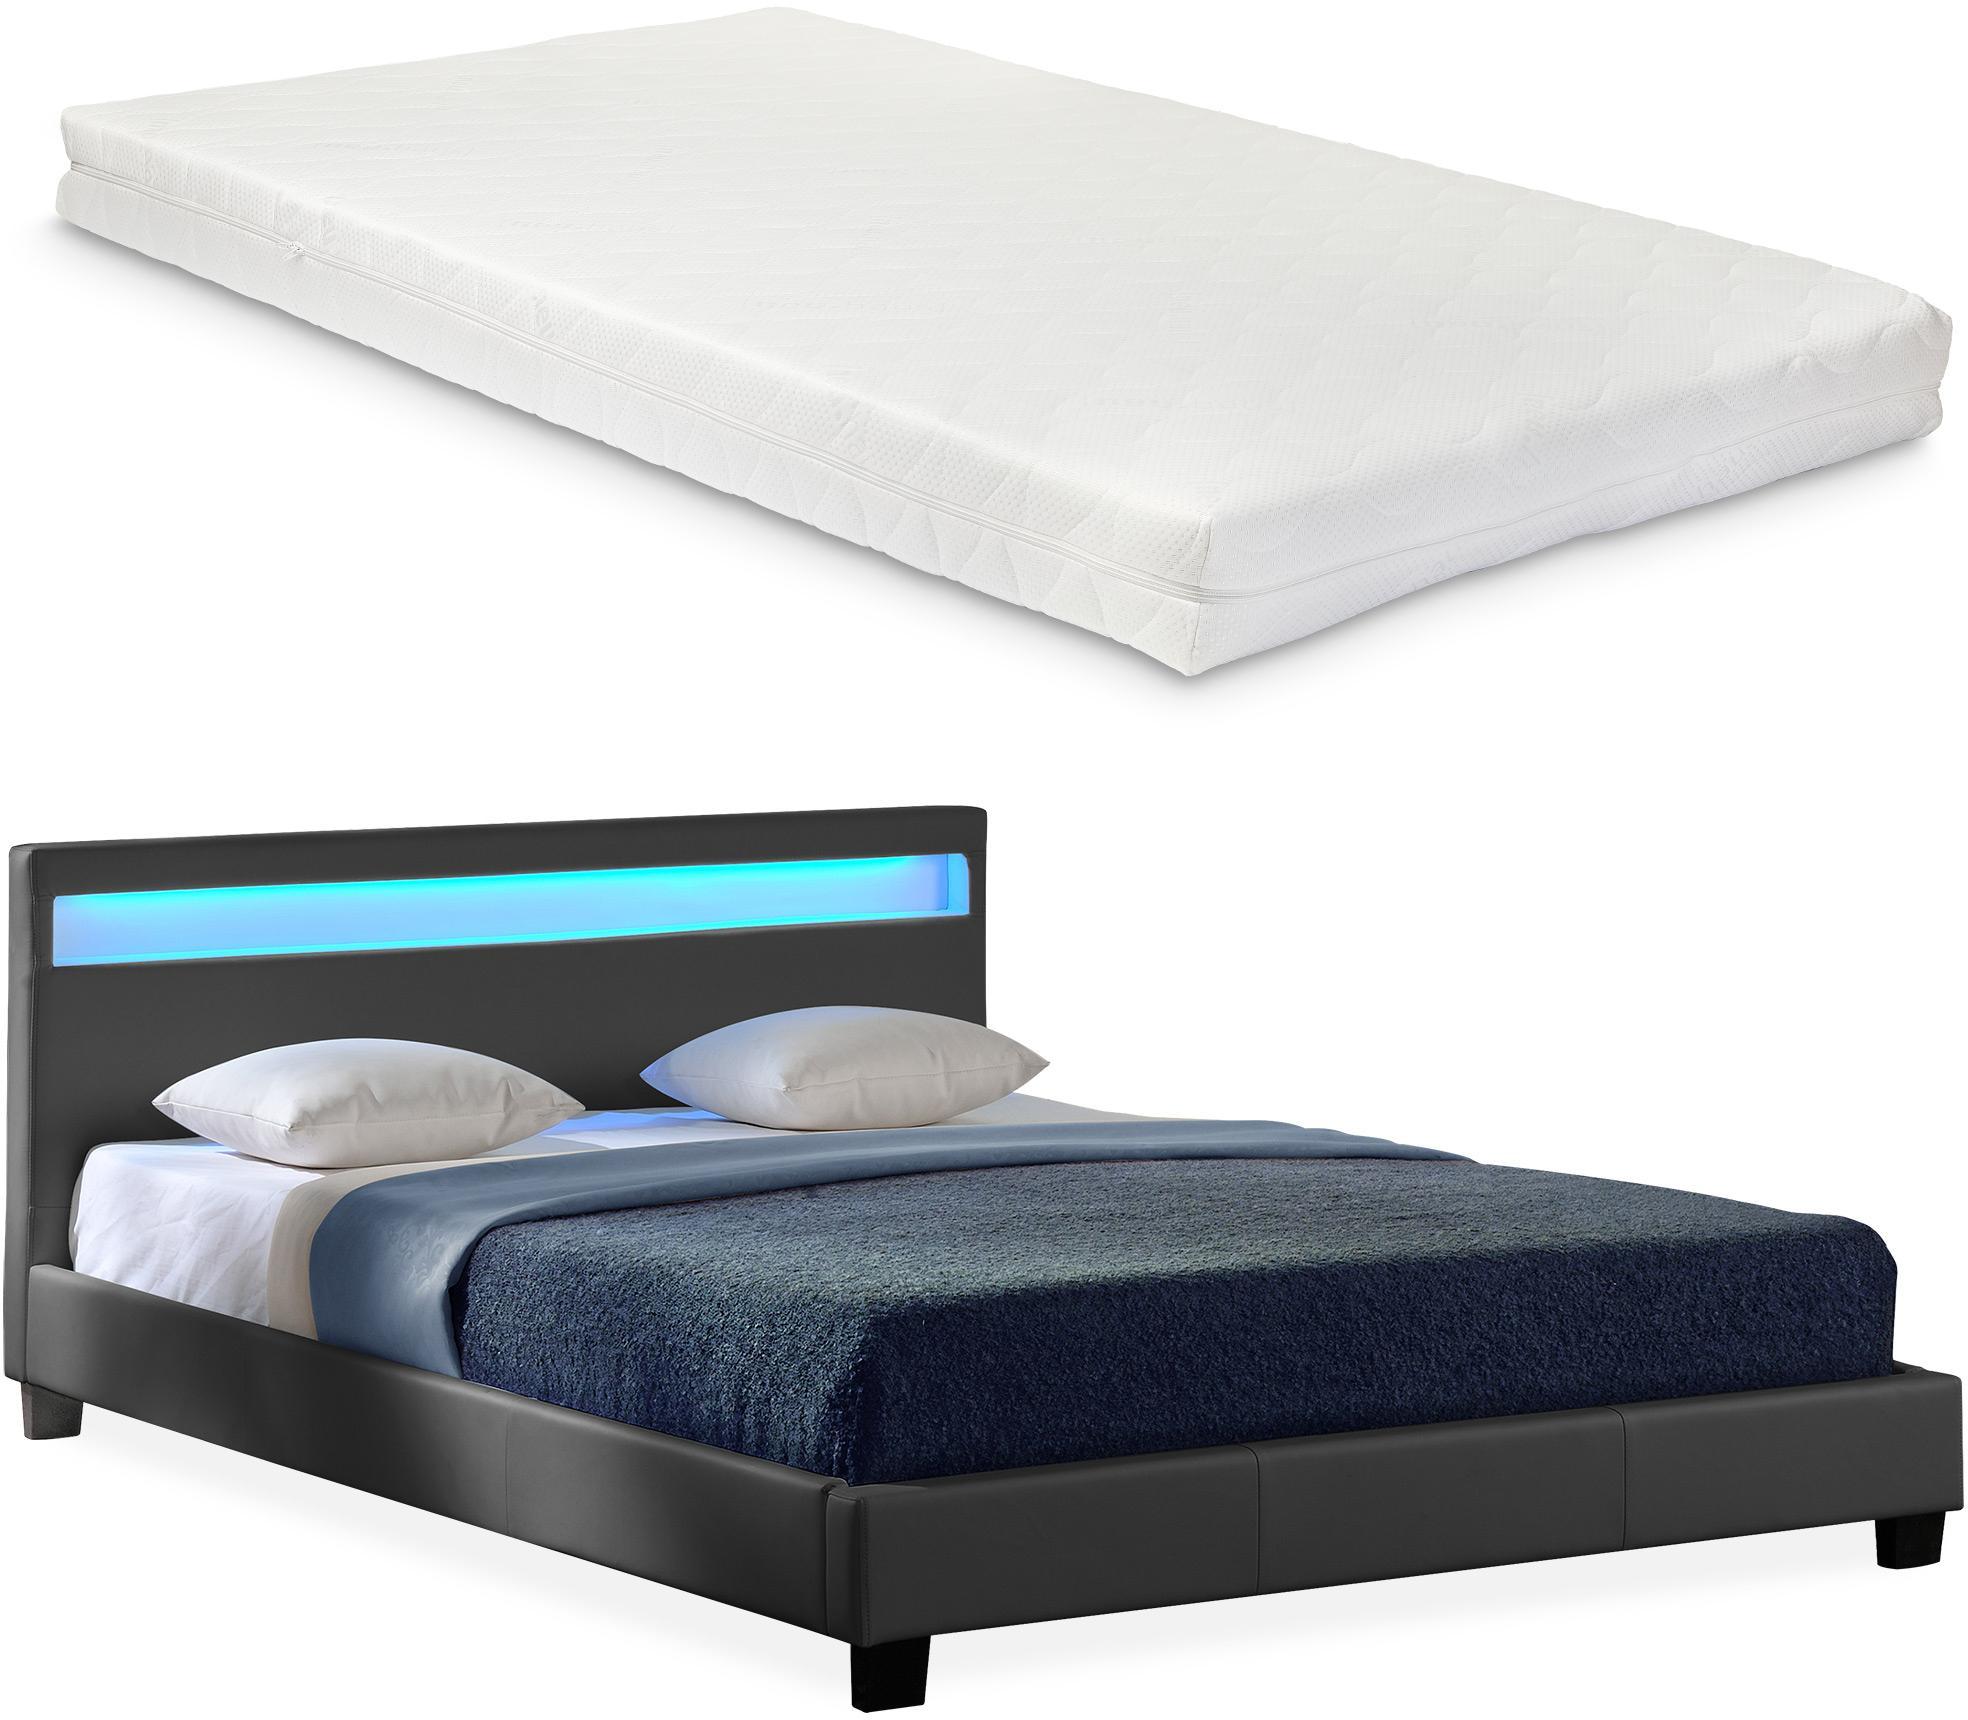 Corium® Moderná manželská posteľ s matracom 'Paris' - tmavo sivá - 180 x 200 cm